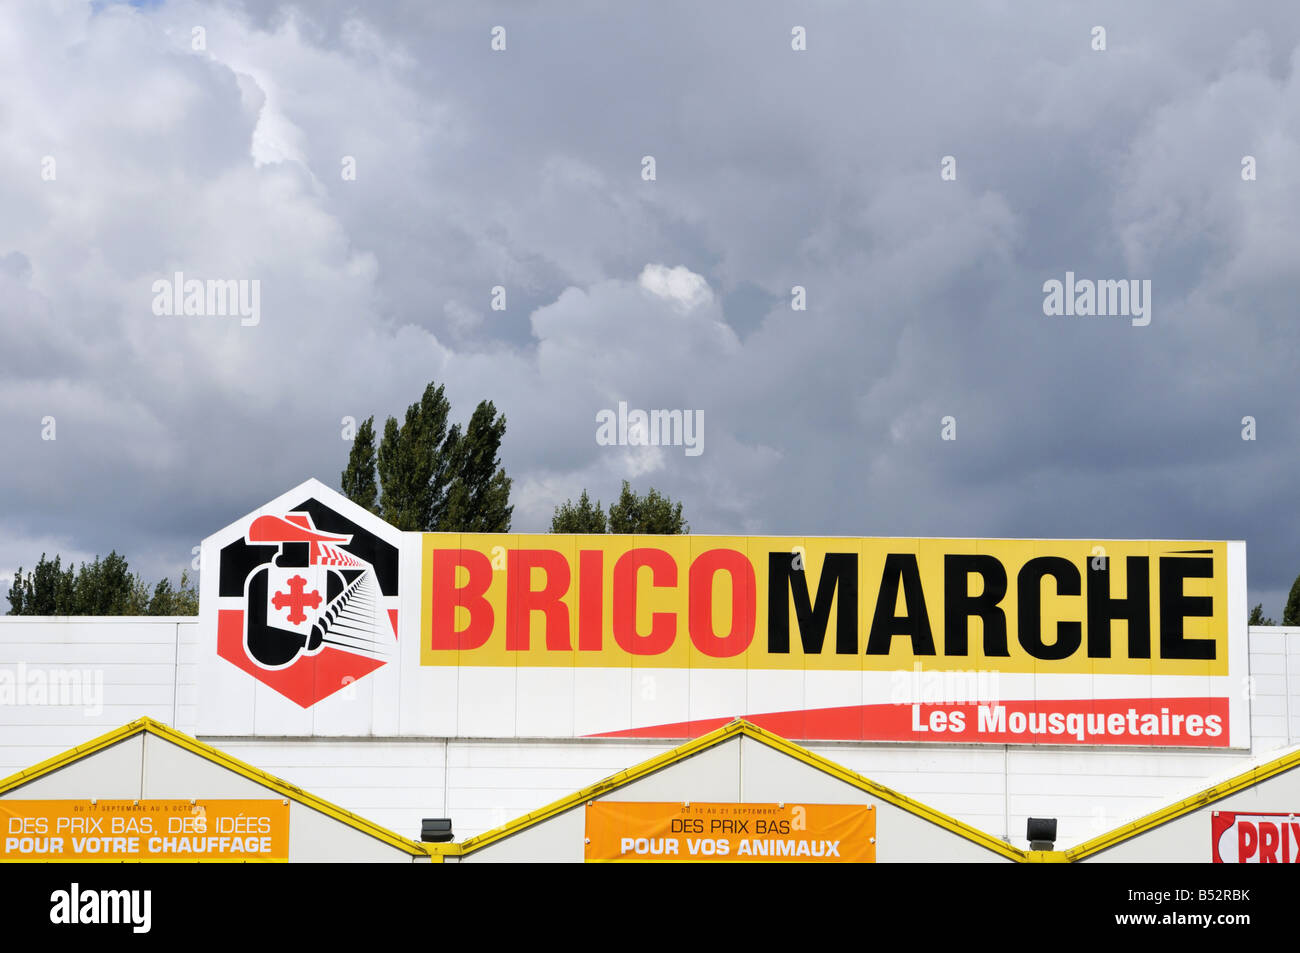 Bricomarche Baumarkt In Der Nähe Von Amboise Frankreich Stockfoto